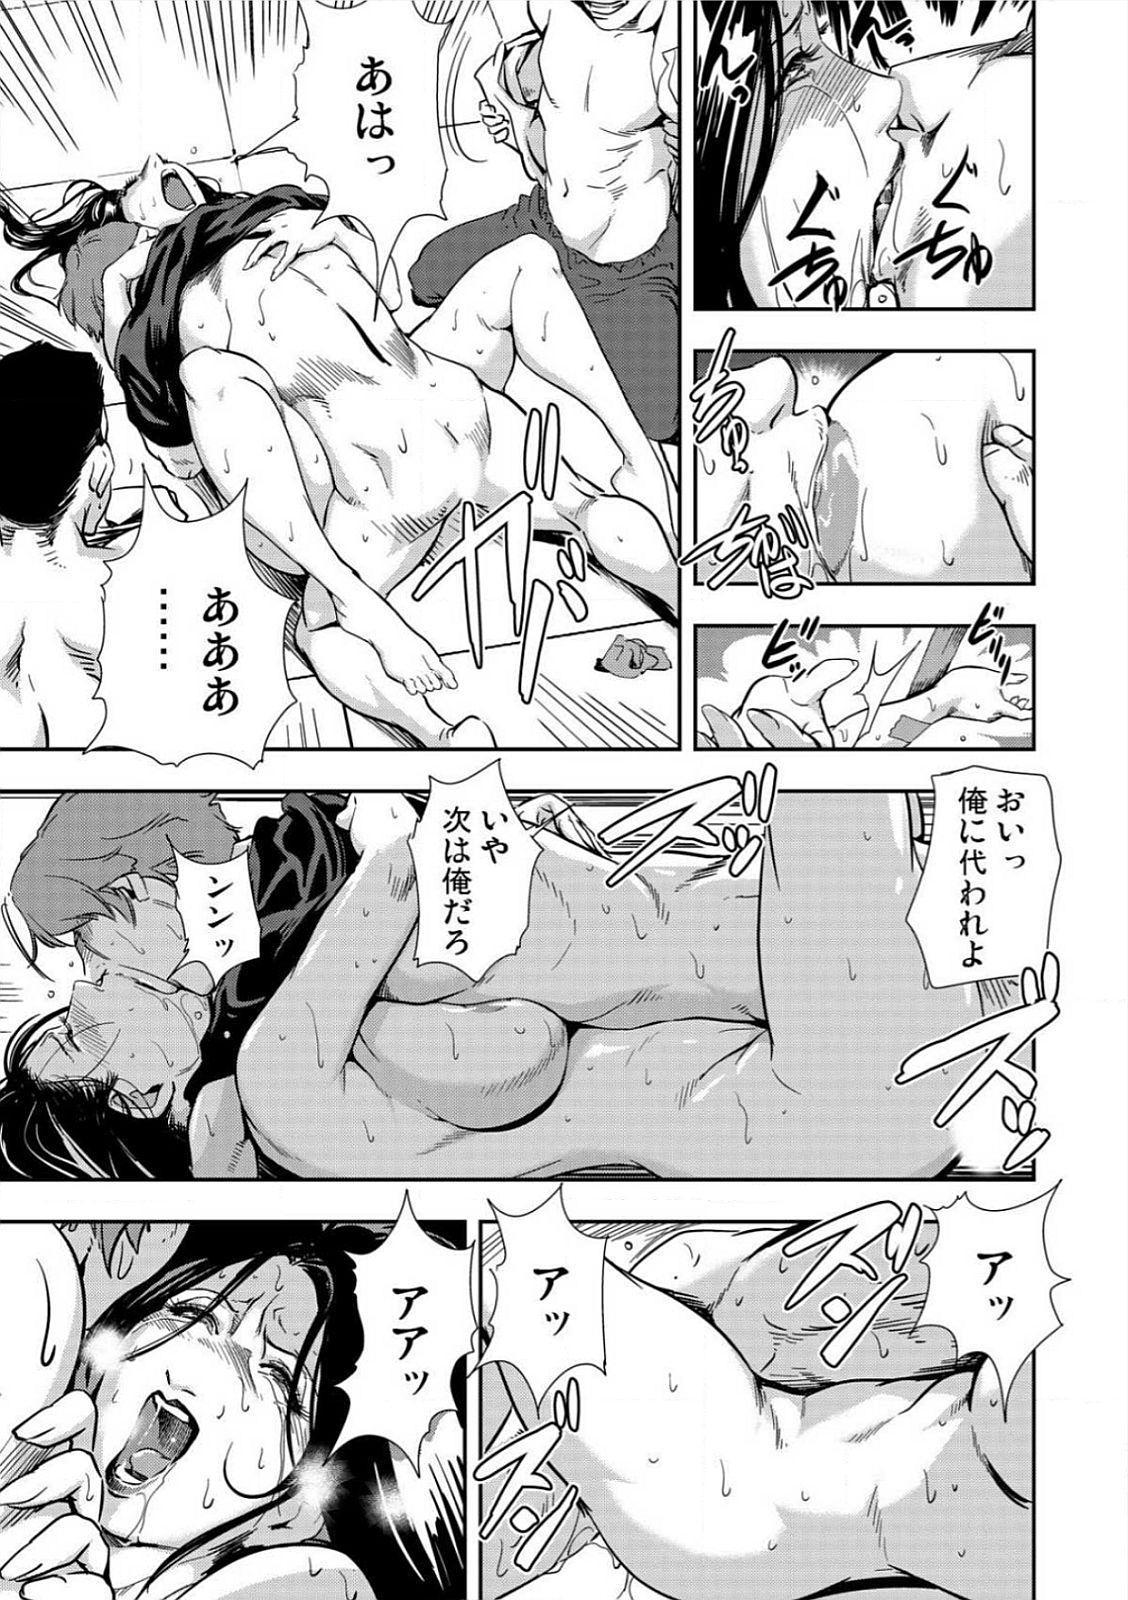 [Misaki Yukihiro] Kyousei Shidou ~Mechakucha ni Kegasarete~ (1)~(6) [Digital] 22